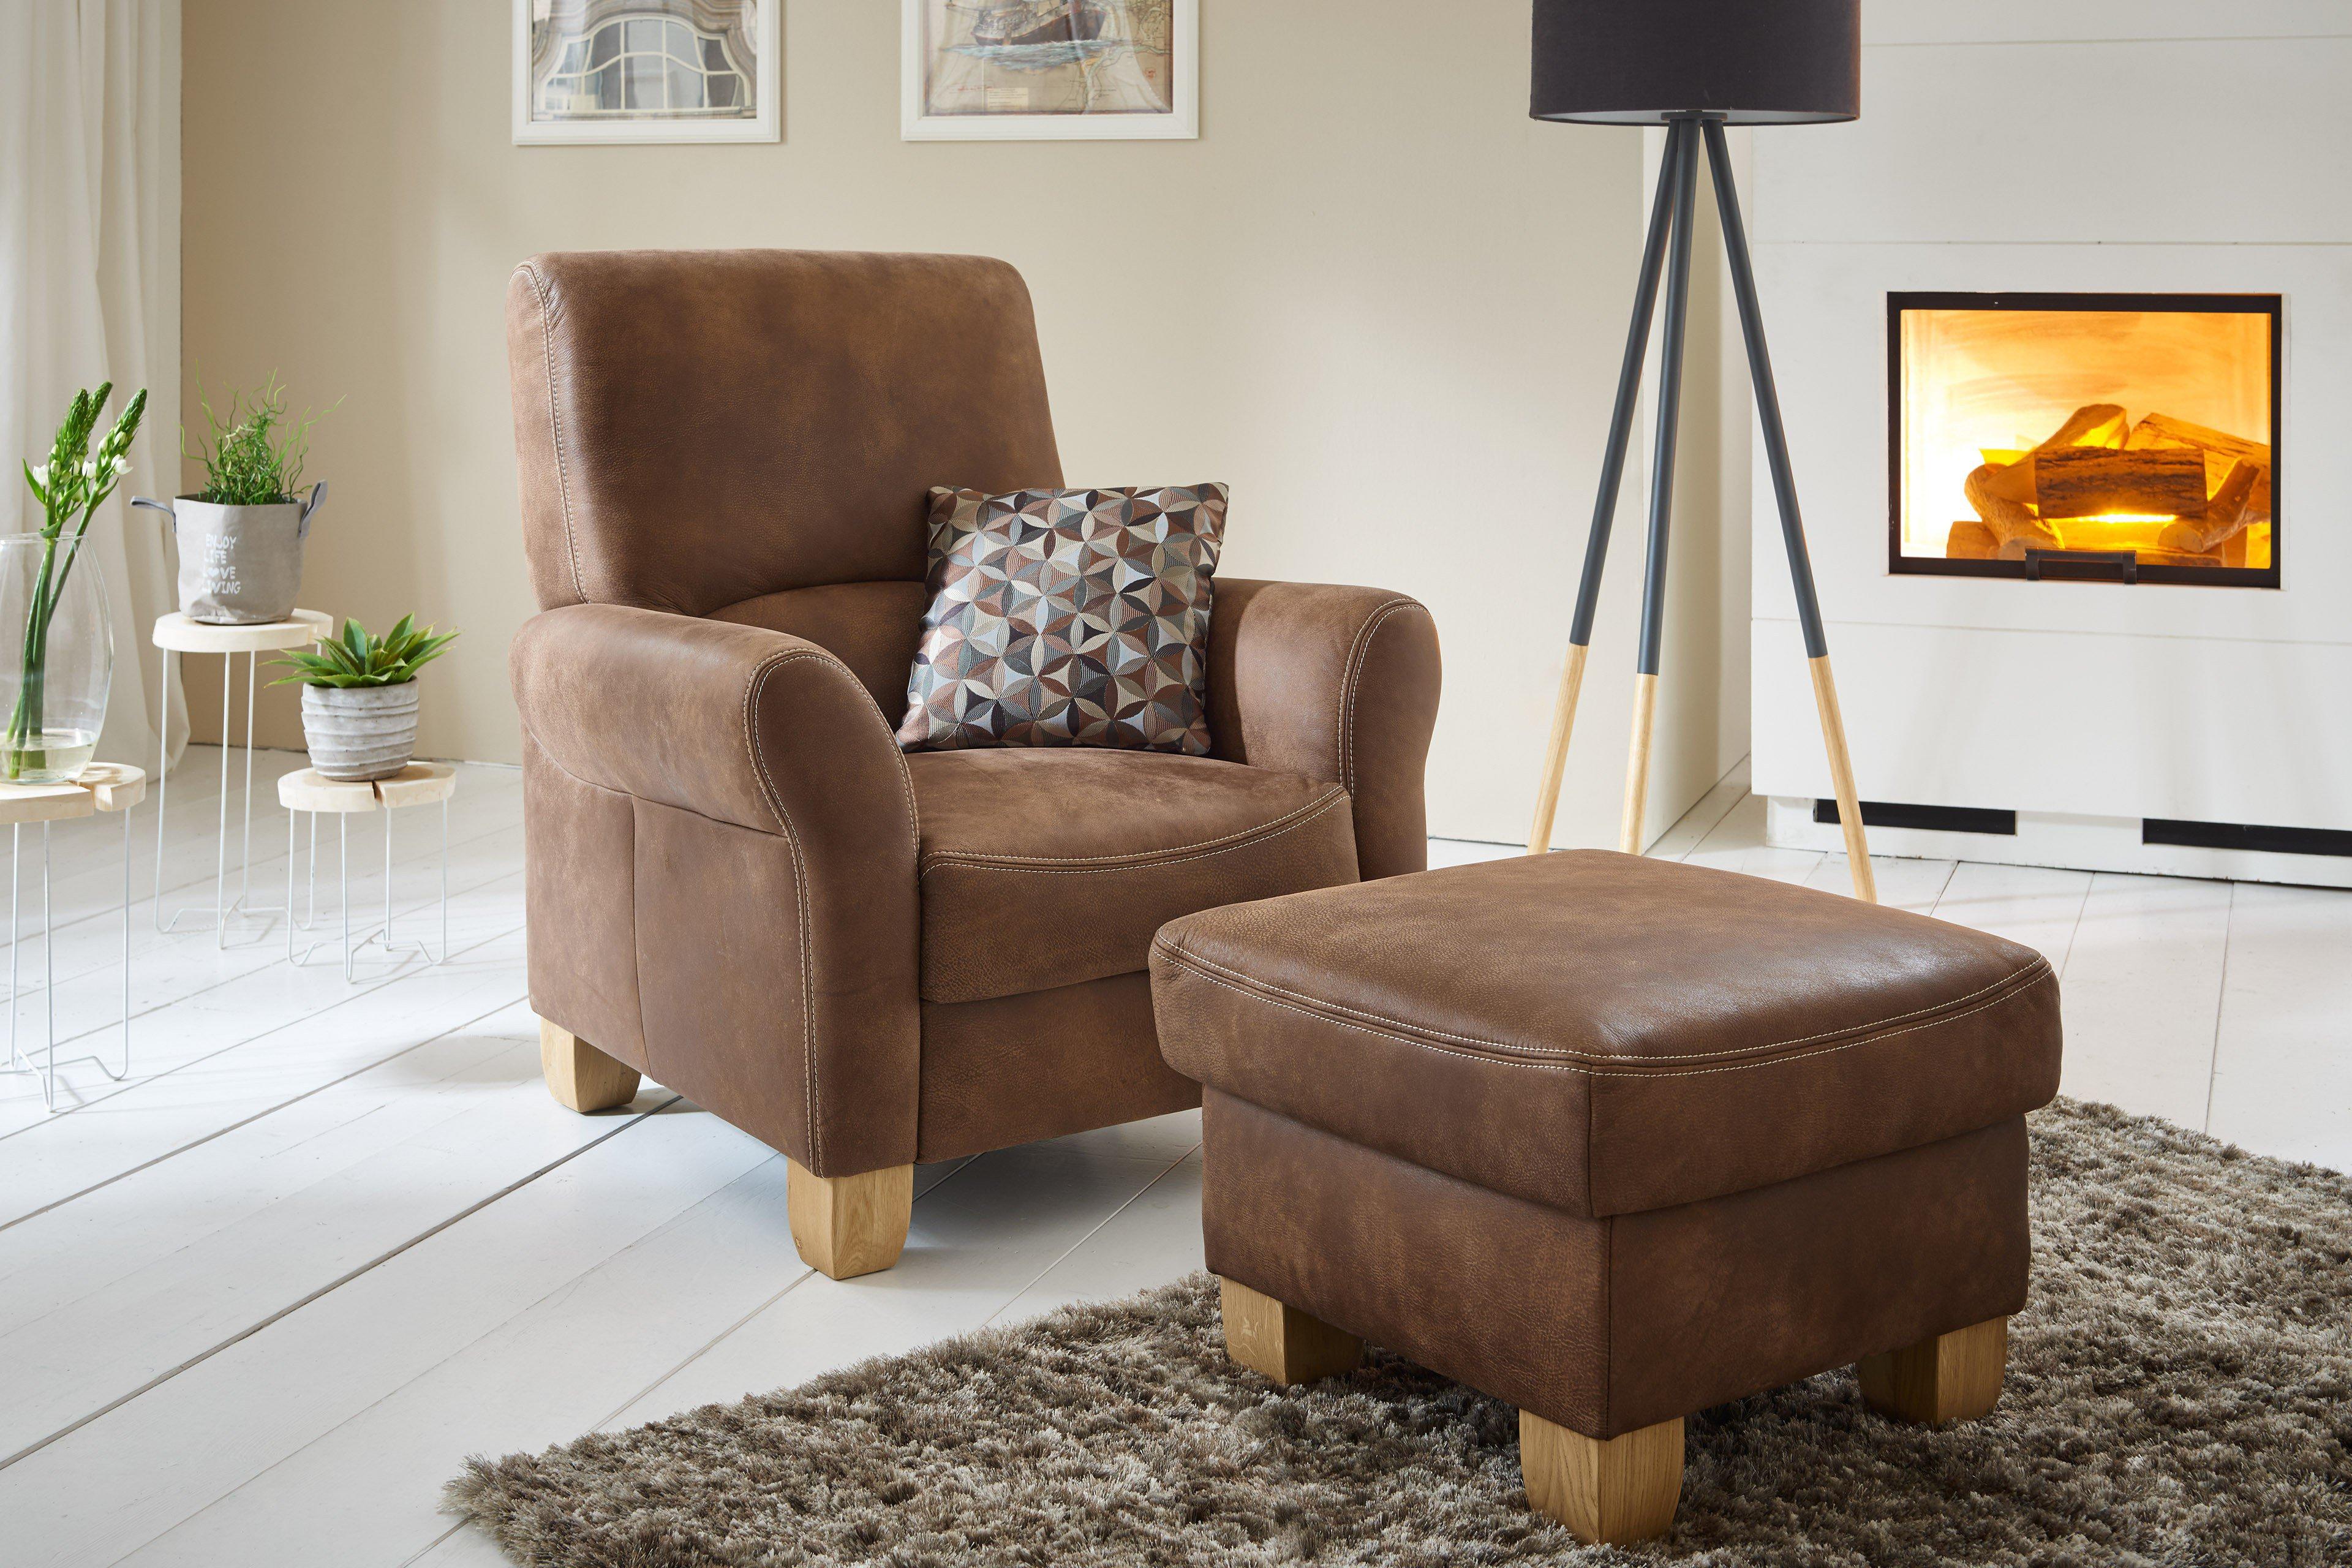 Einzelsessel braun  Polinova Landart-L Einzelsessel braun | Möbel Letz - Ihr Online-Shop